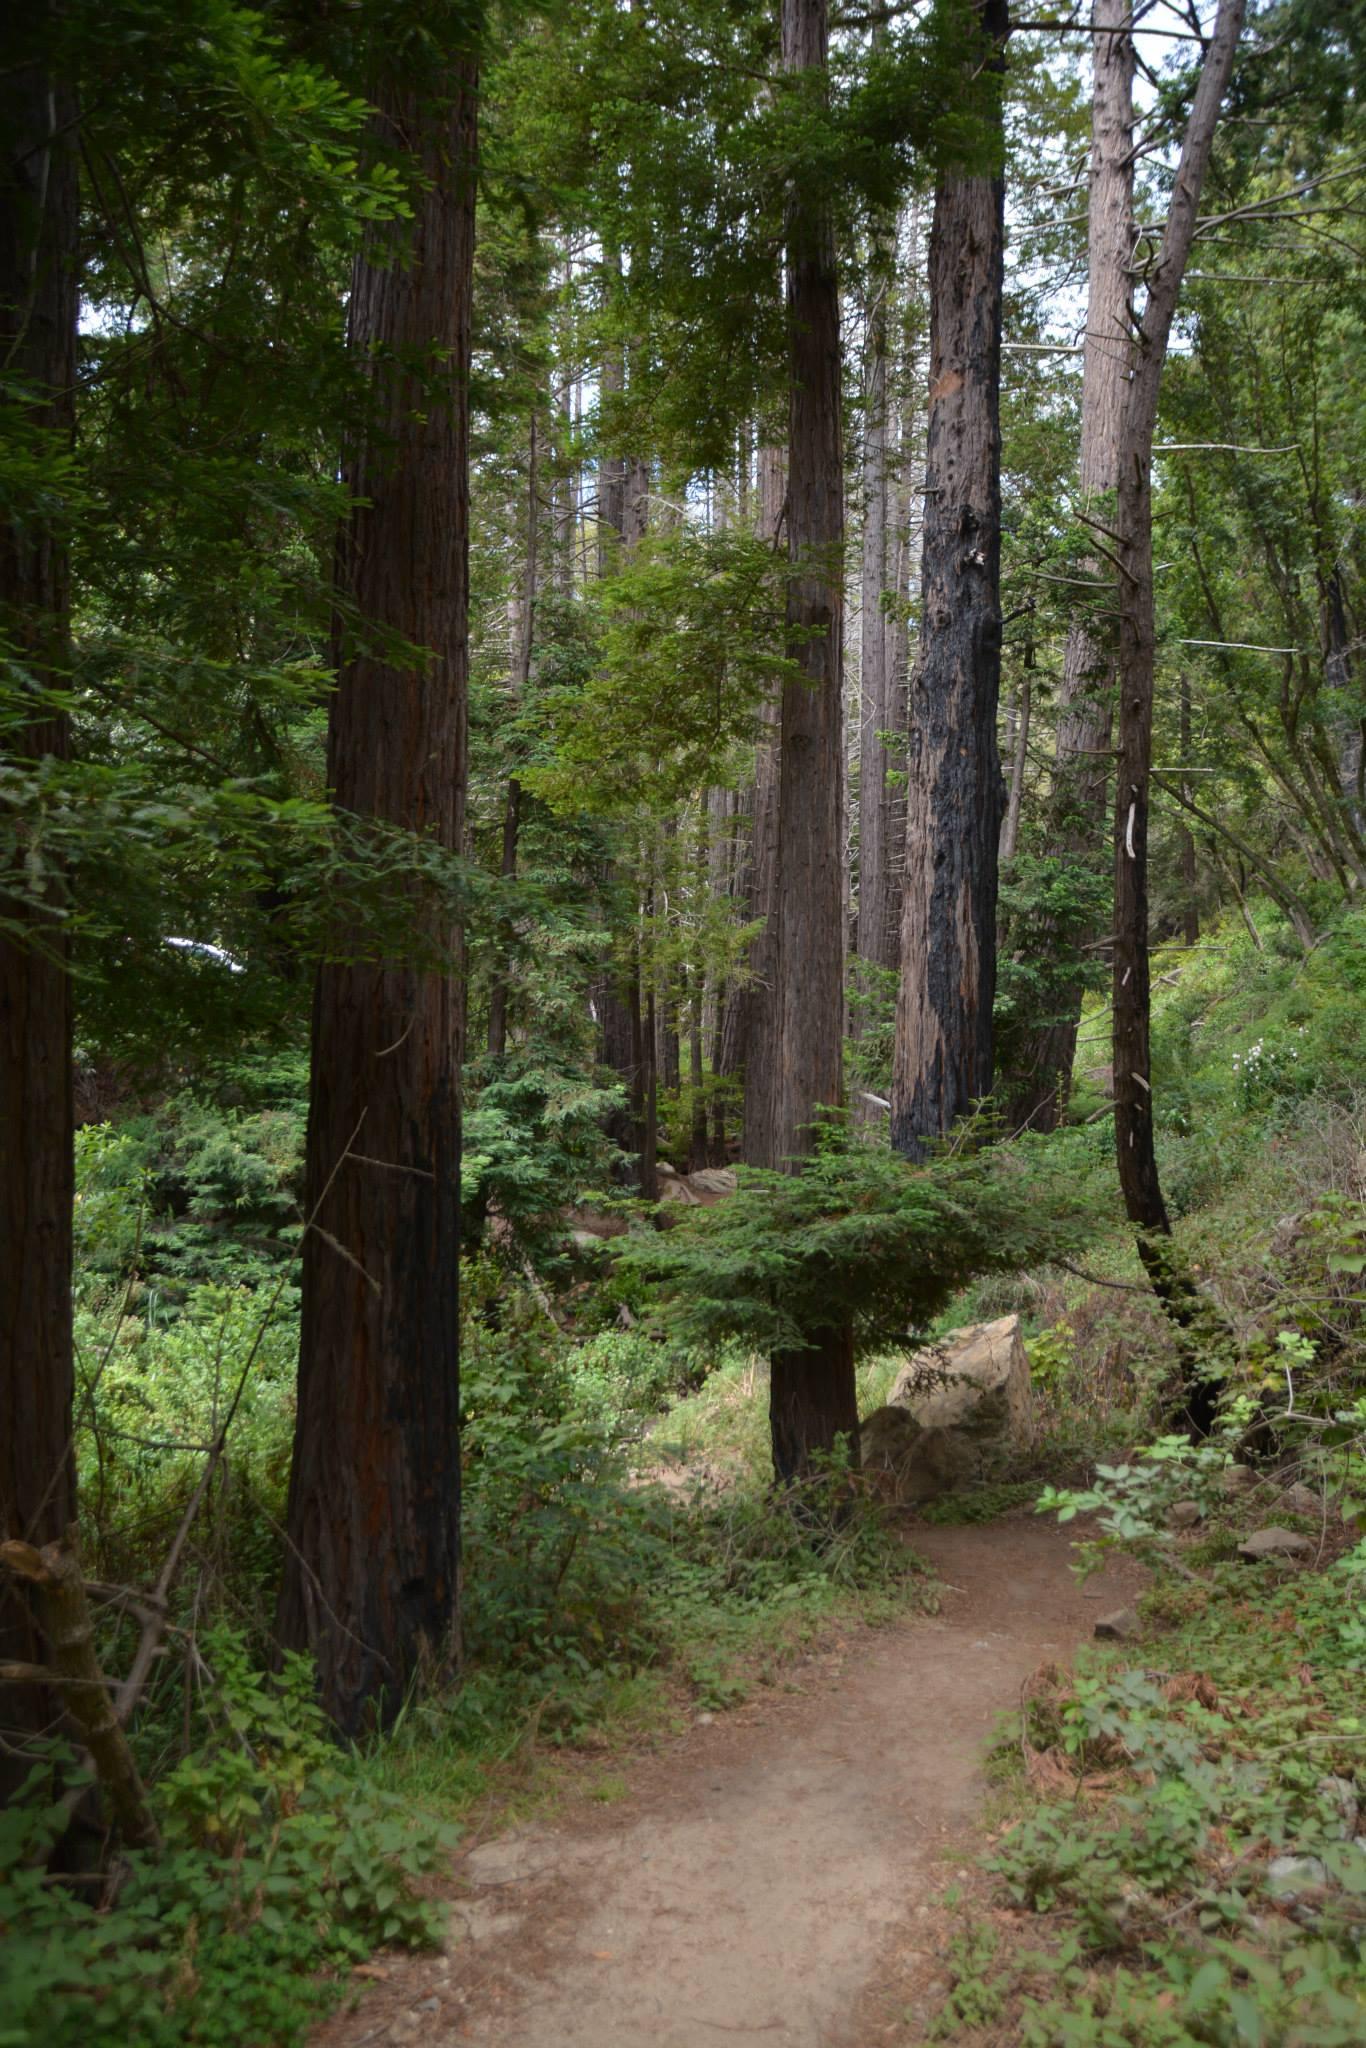 עצי רדווד-העצים הגבוהים בעולם